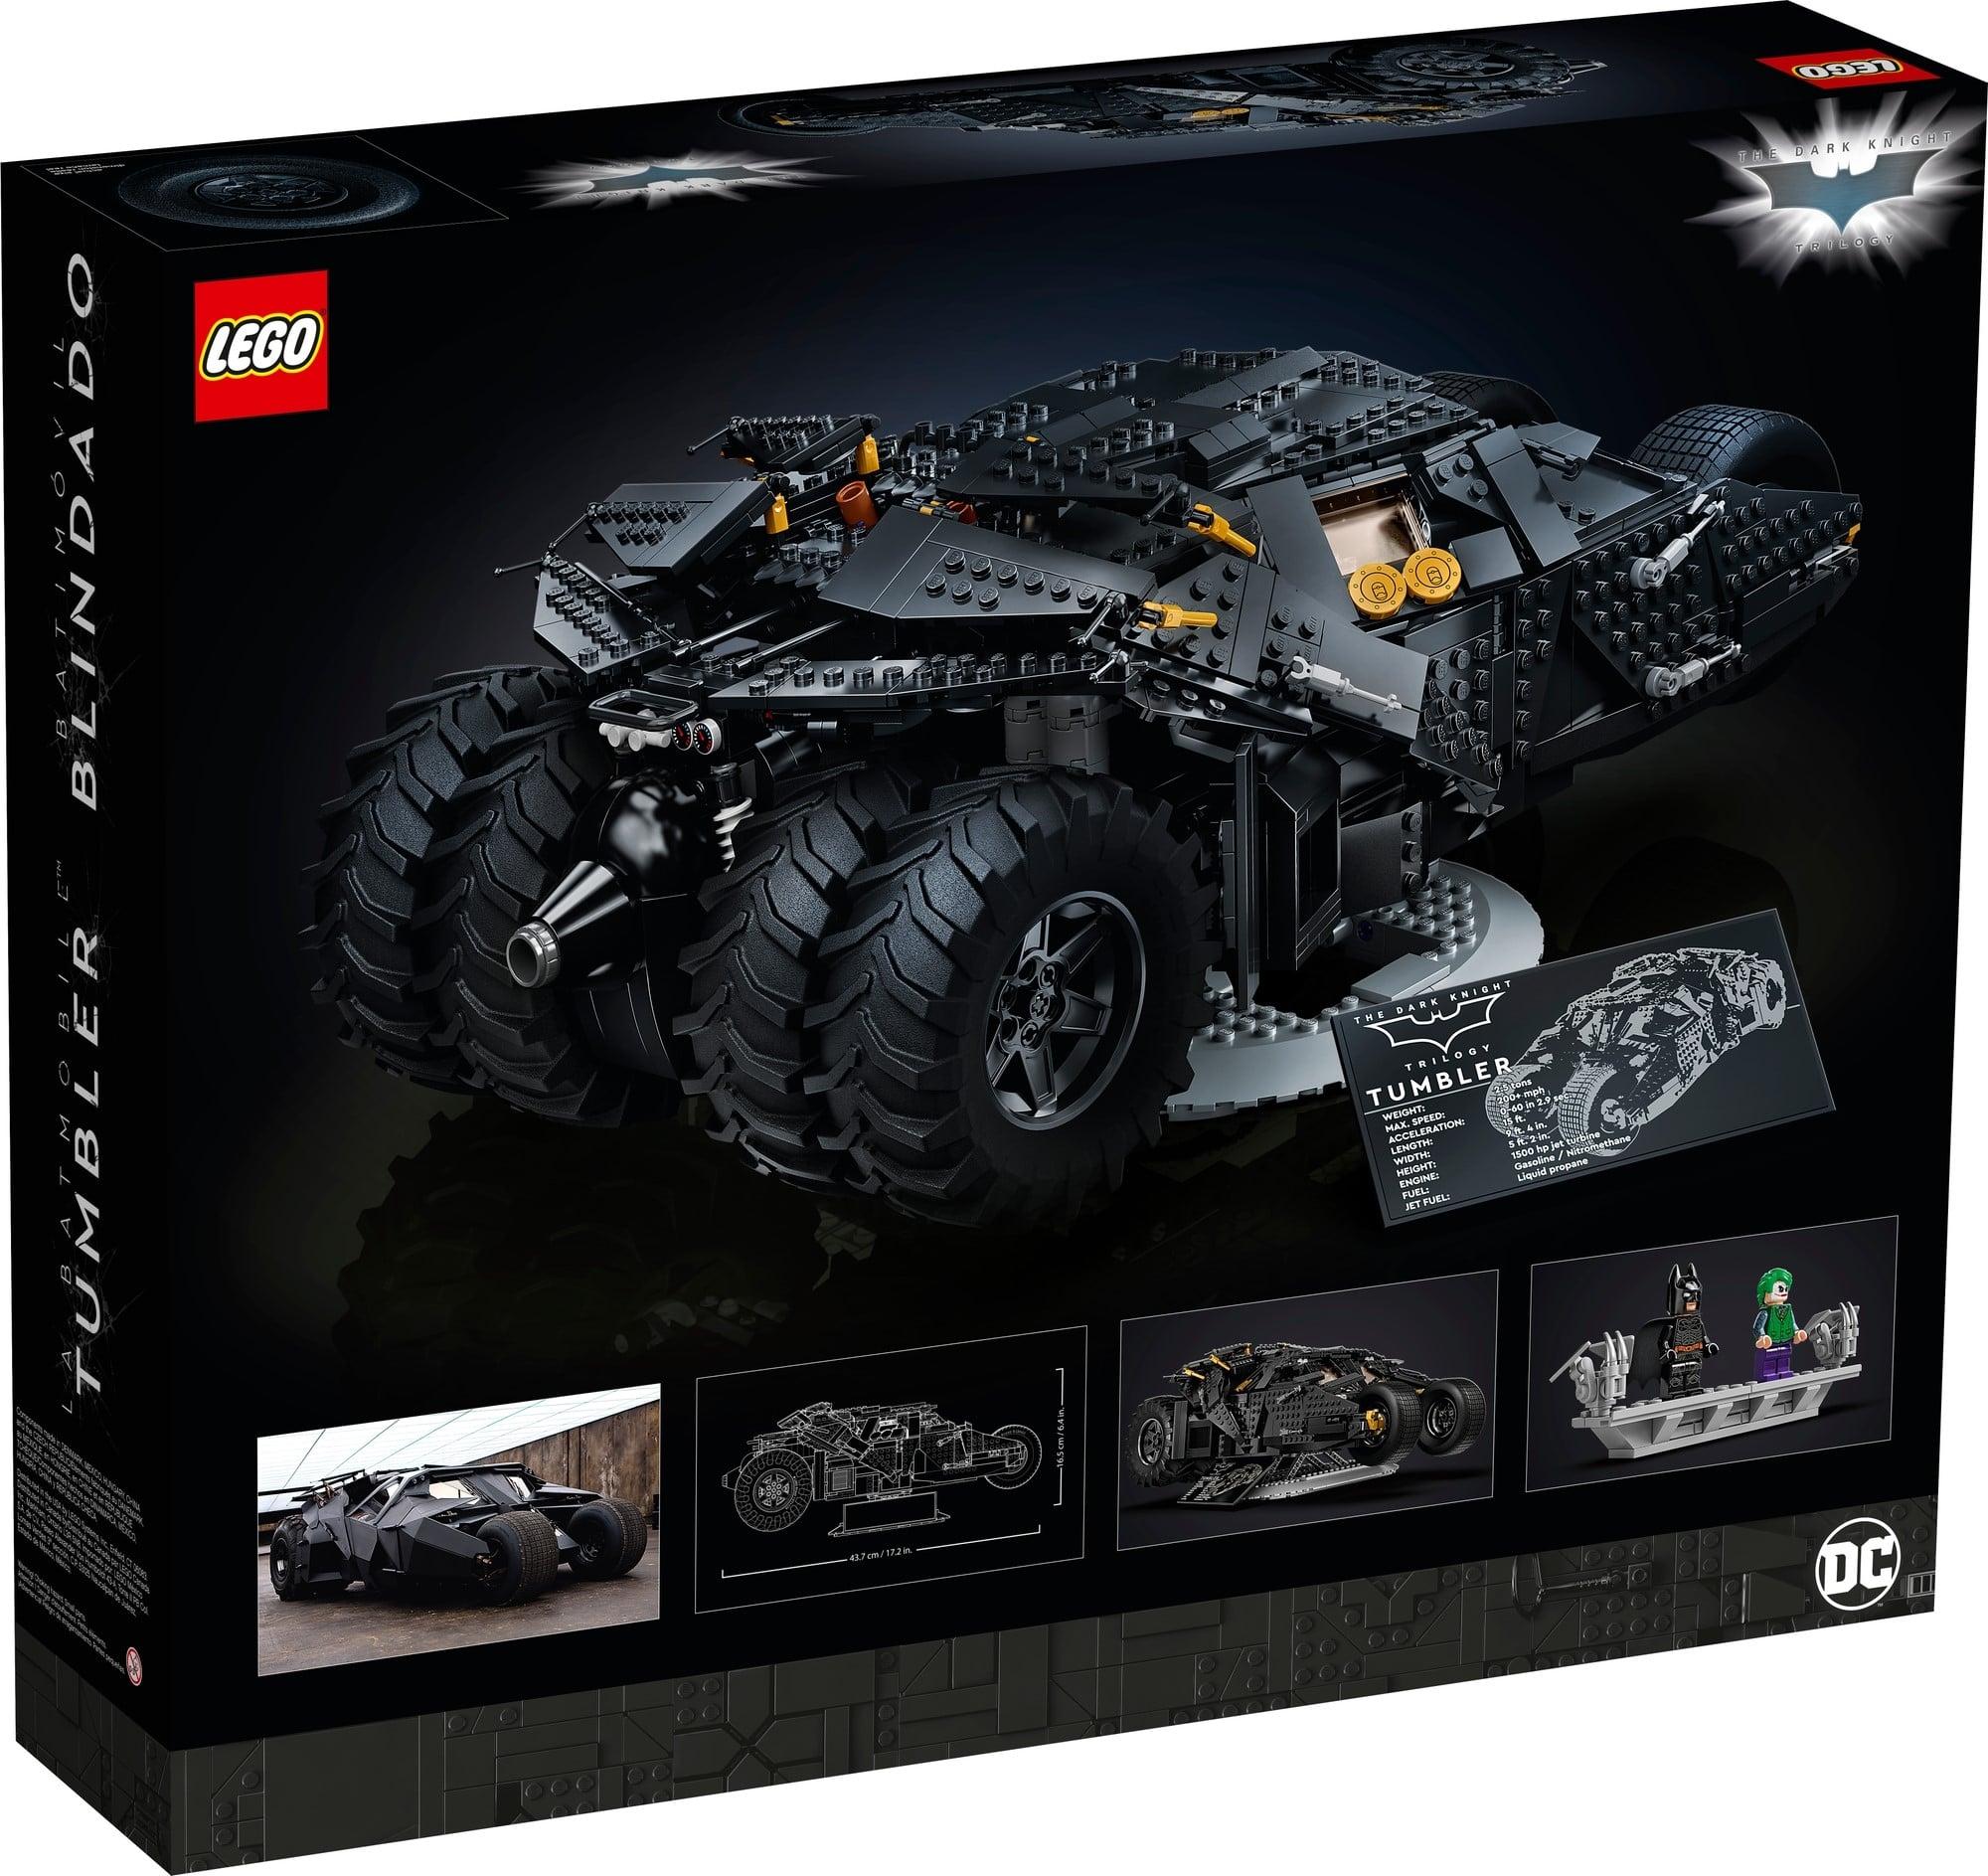 LEGO Dc 76240 LEGO Dc Batman Batmobile Tumbler 7